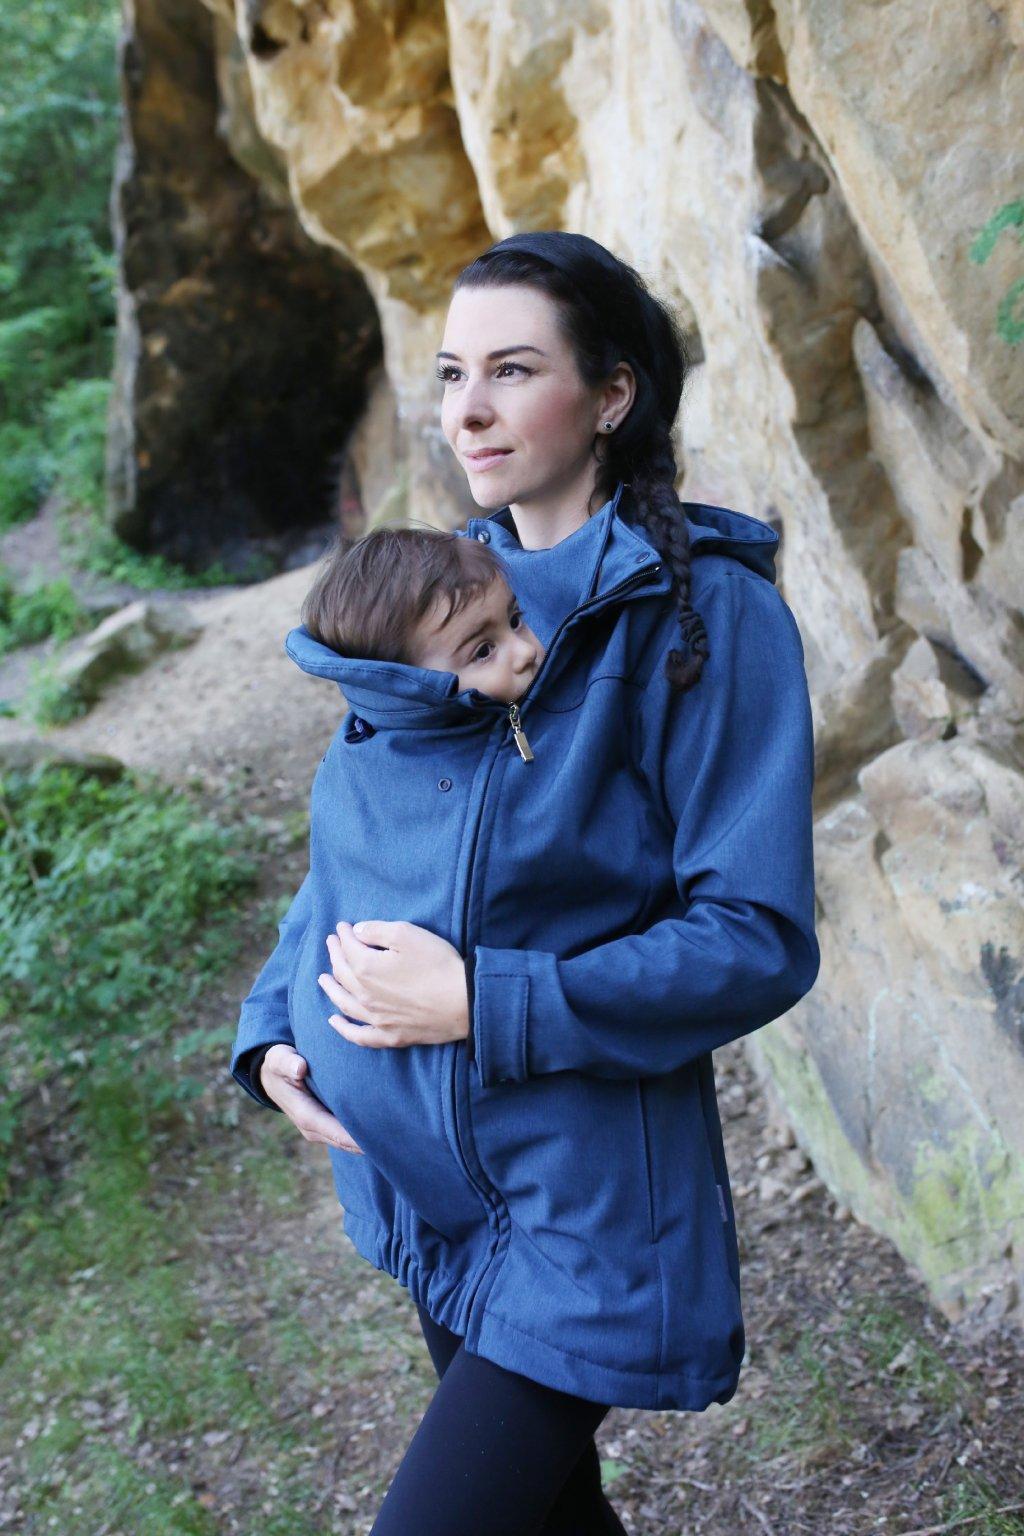 bunda na nošení dětí modrá, nosicí vsadka do bundy